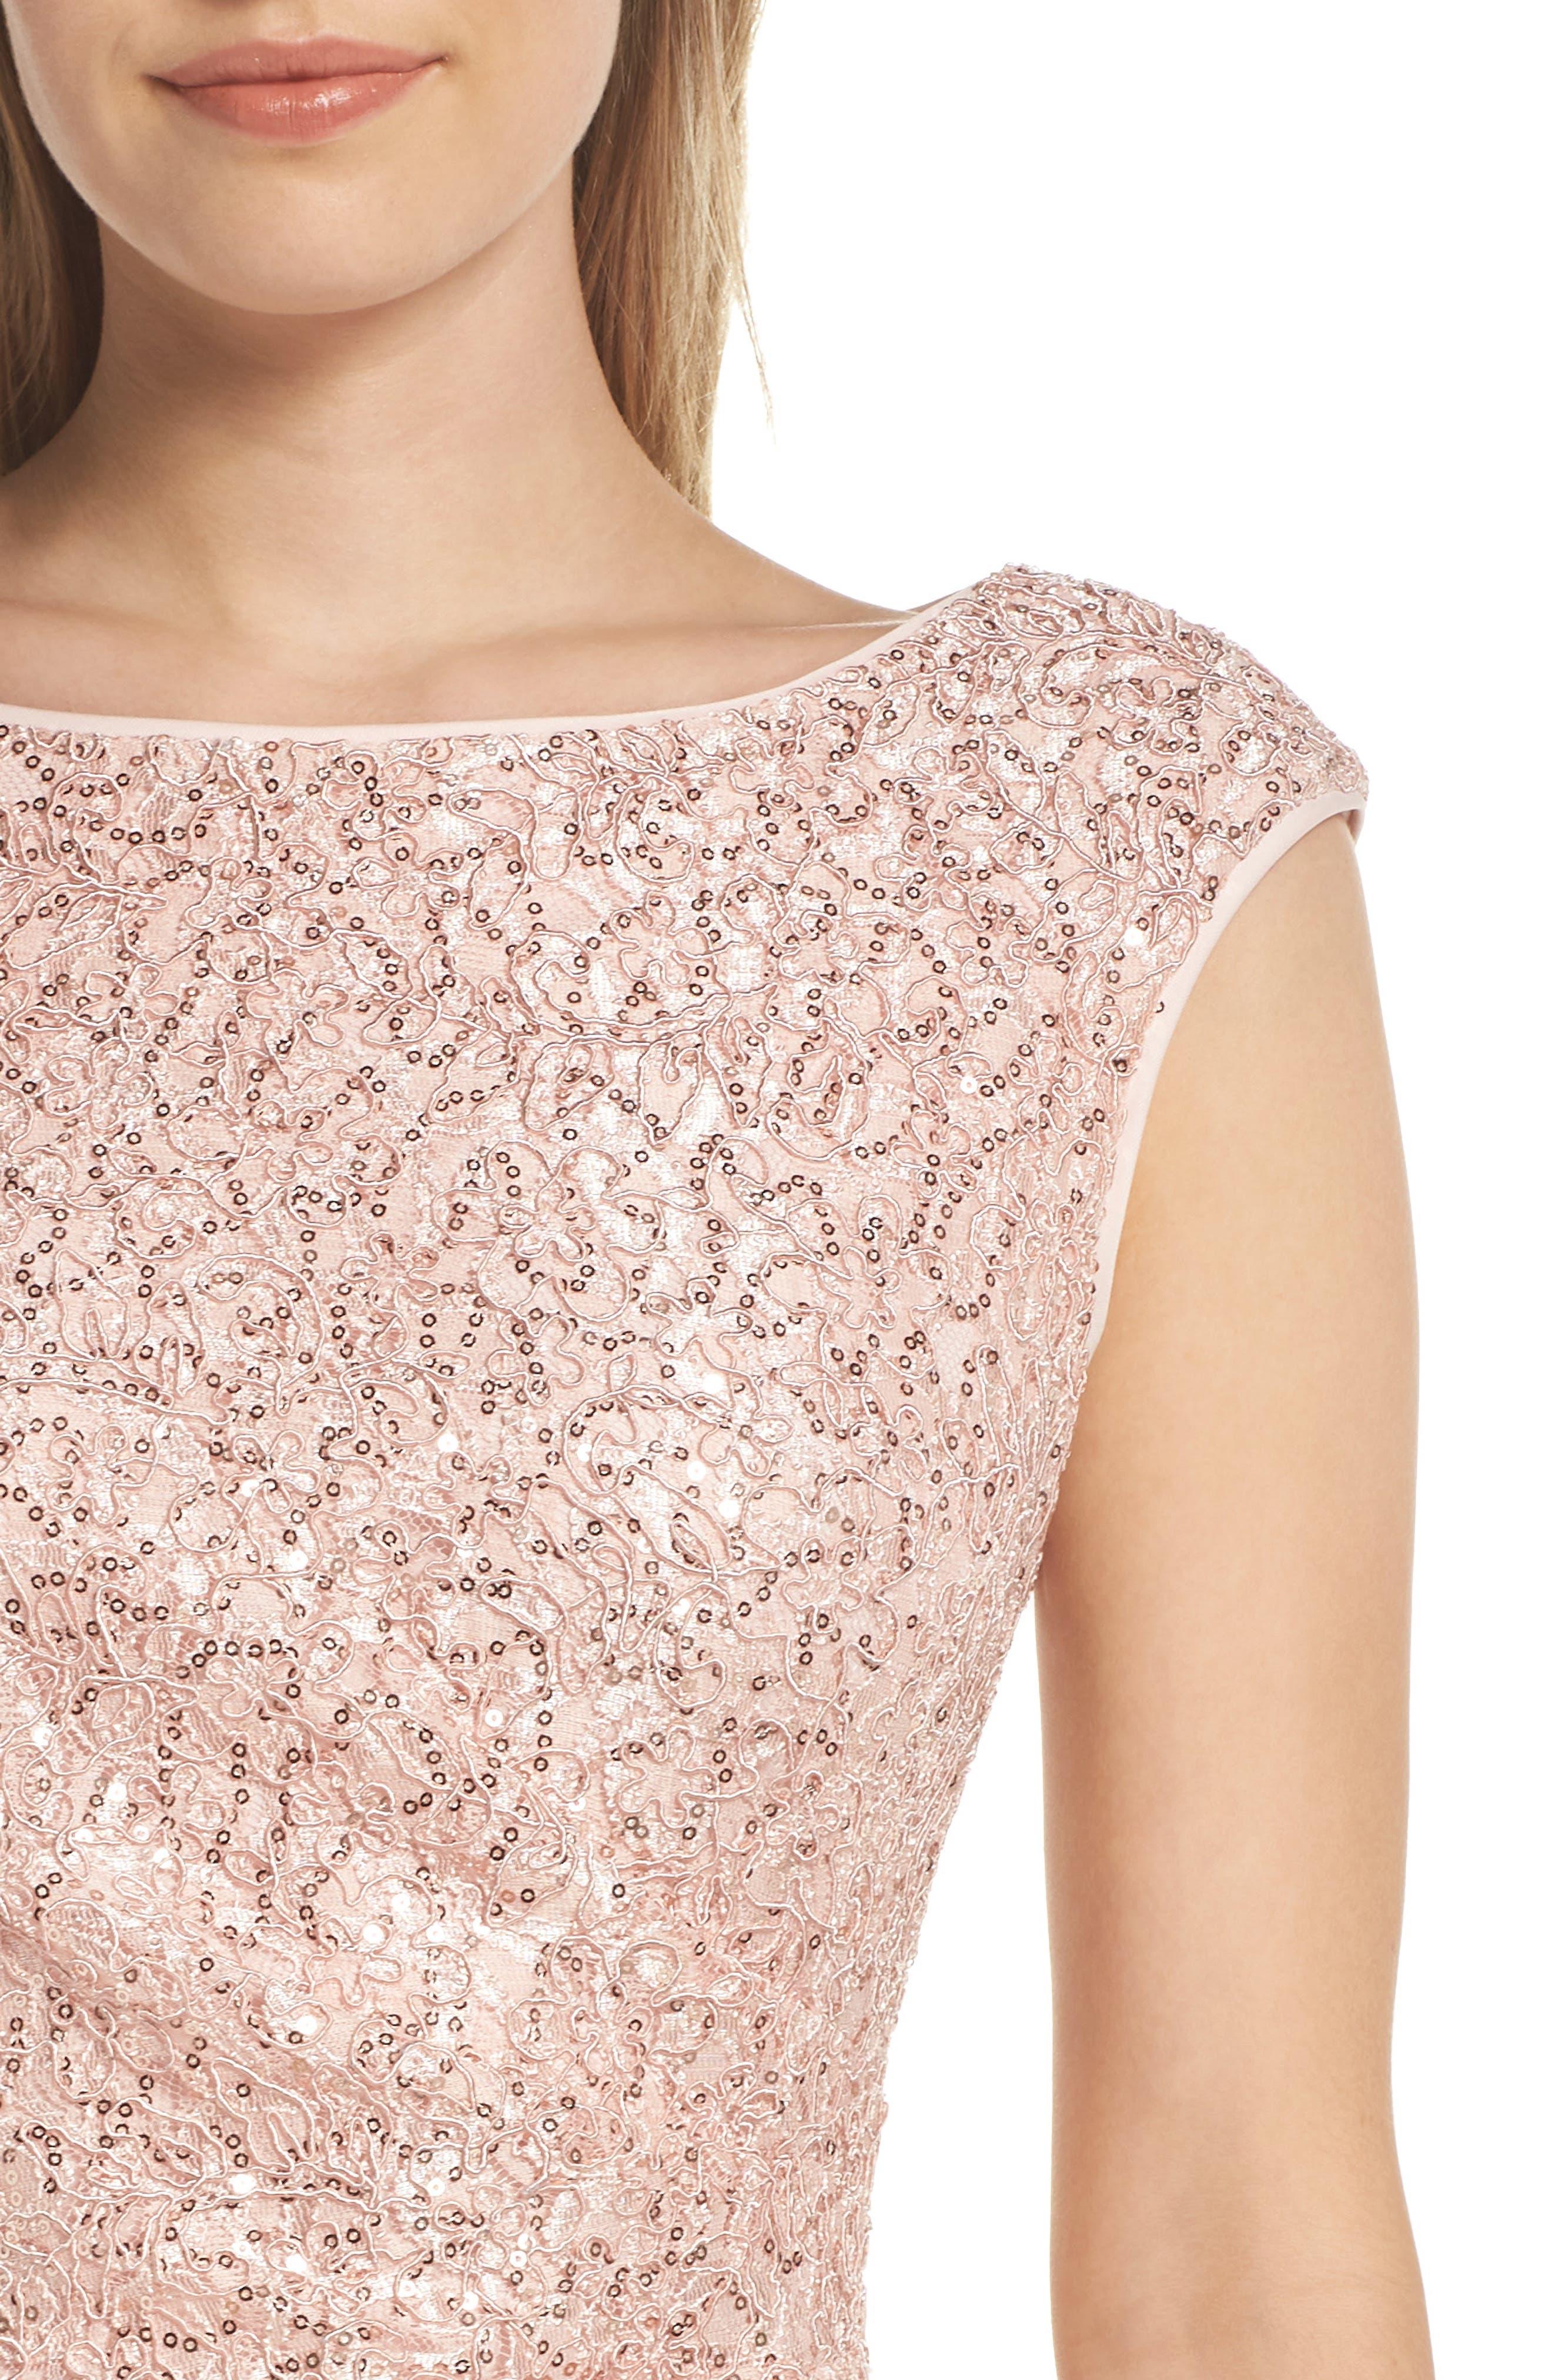 VINCE CAMUTO, Sequin Lace Sheath Dress, Alternate thumbnail 5, color, 684